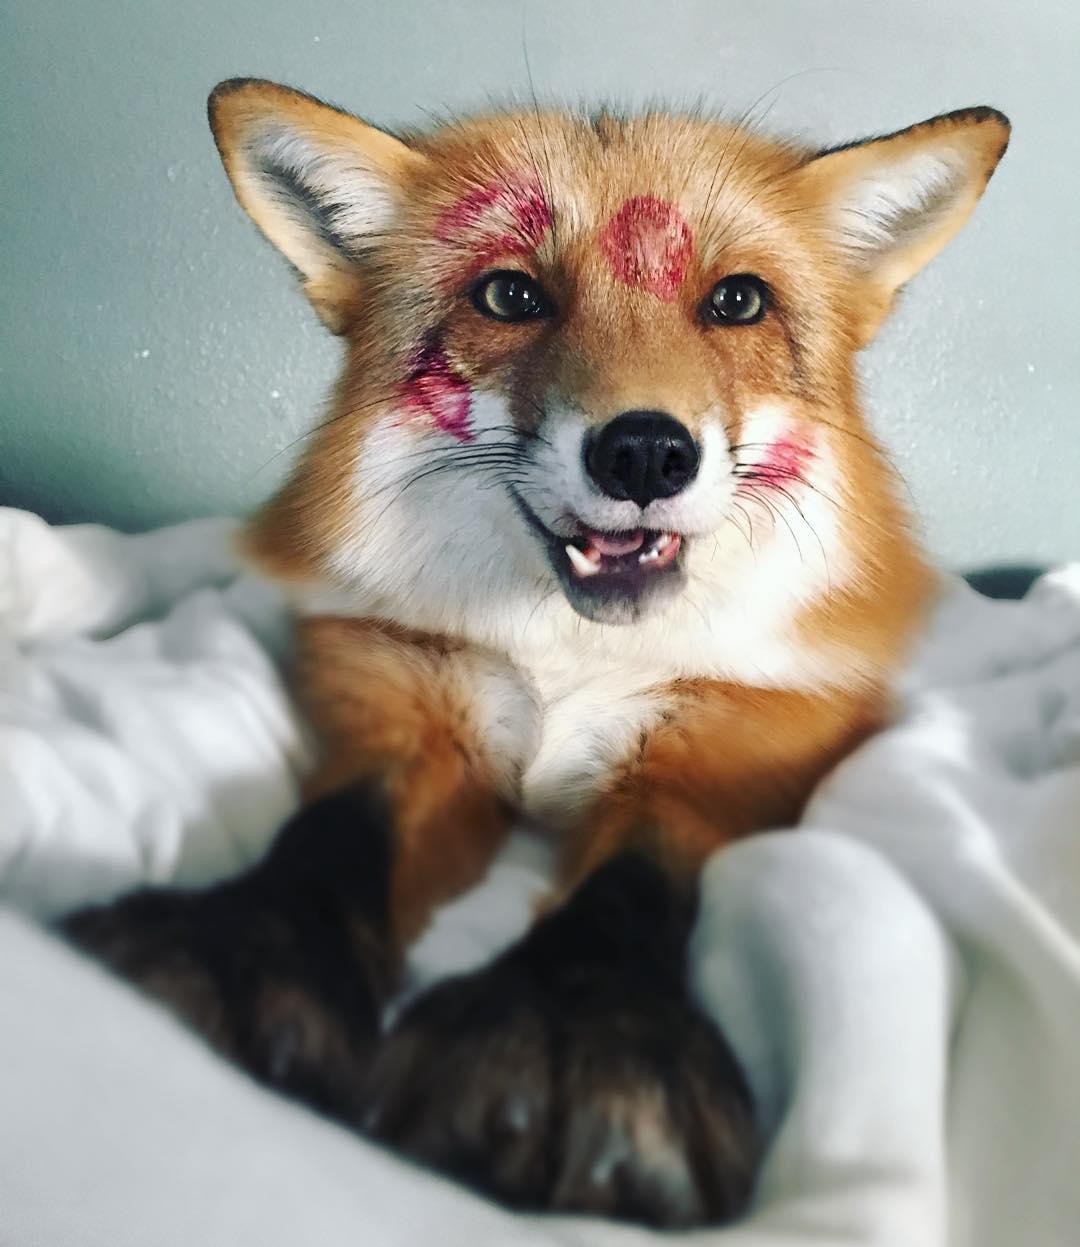 ¿Un perro de color naranja?